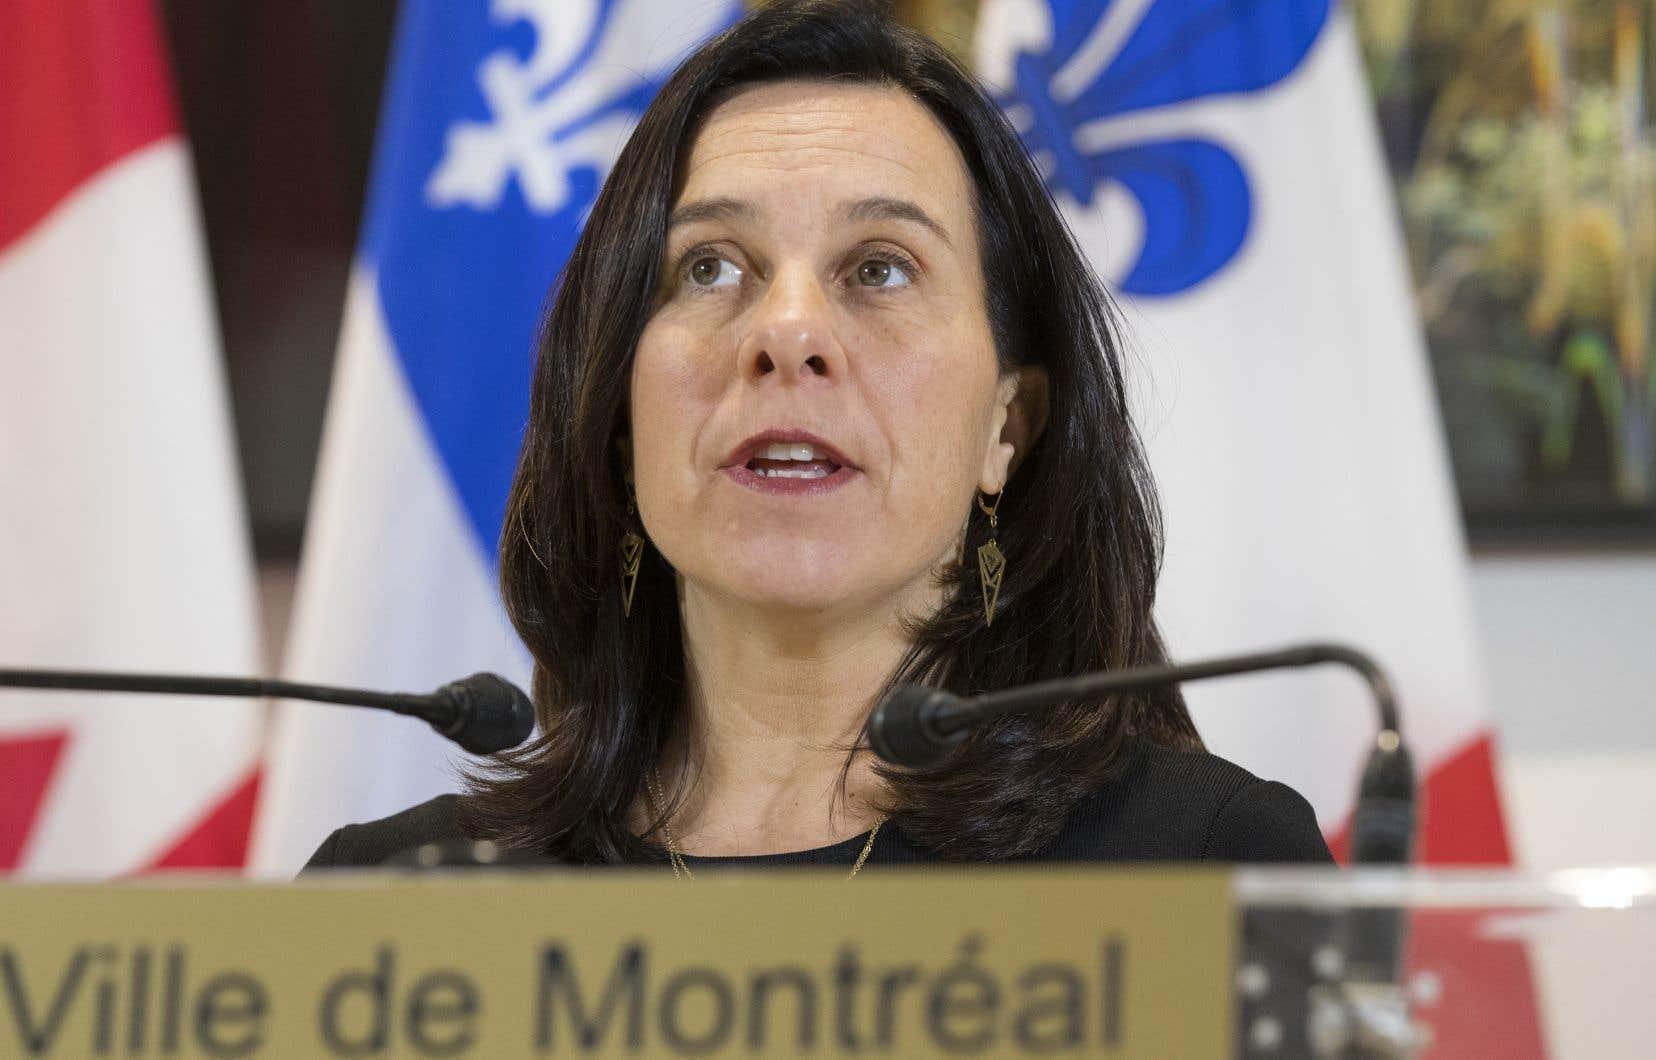 Annalisa Harris réclame 186125$ à la mairesse Valérie Plante et à la Ville de Montréal pour atteinte à sa réputation.